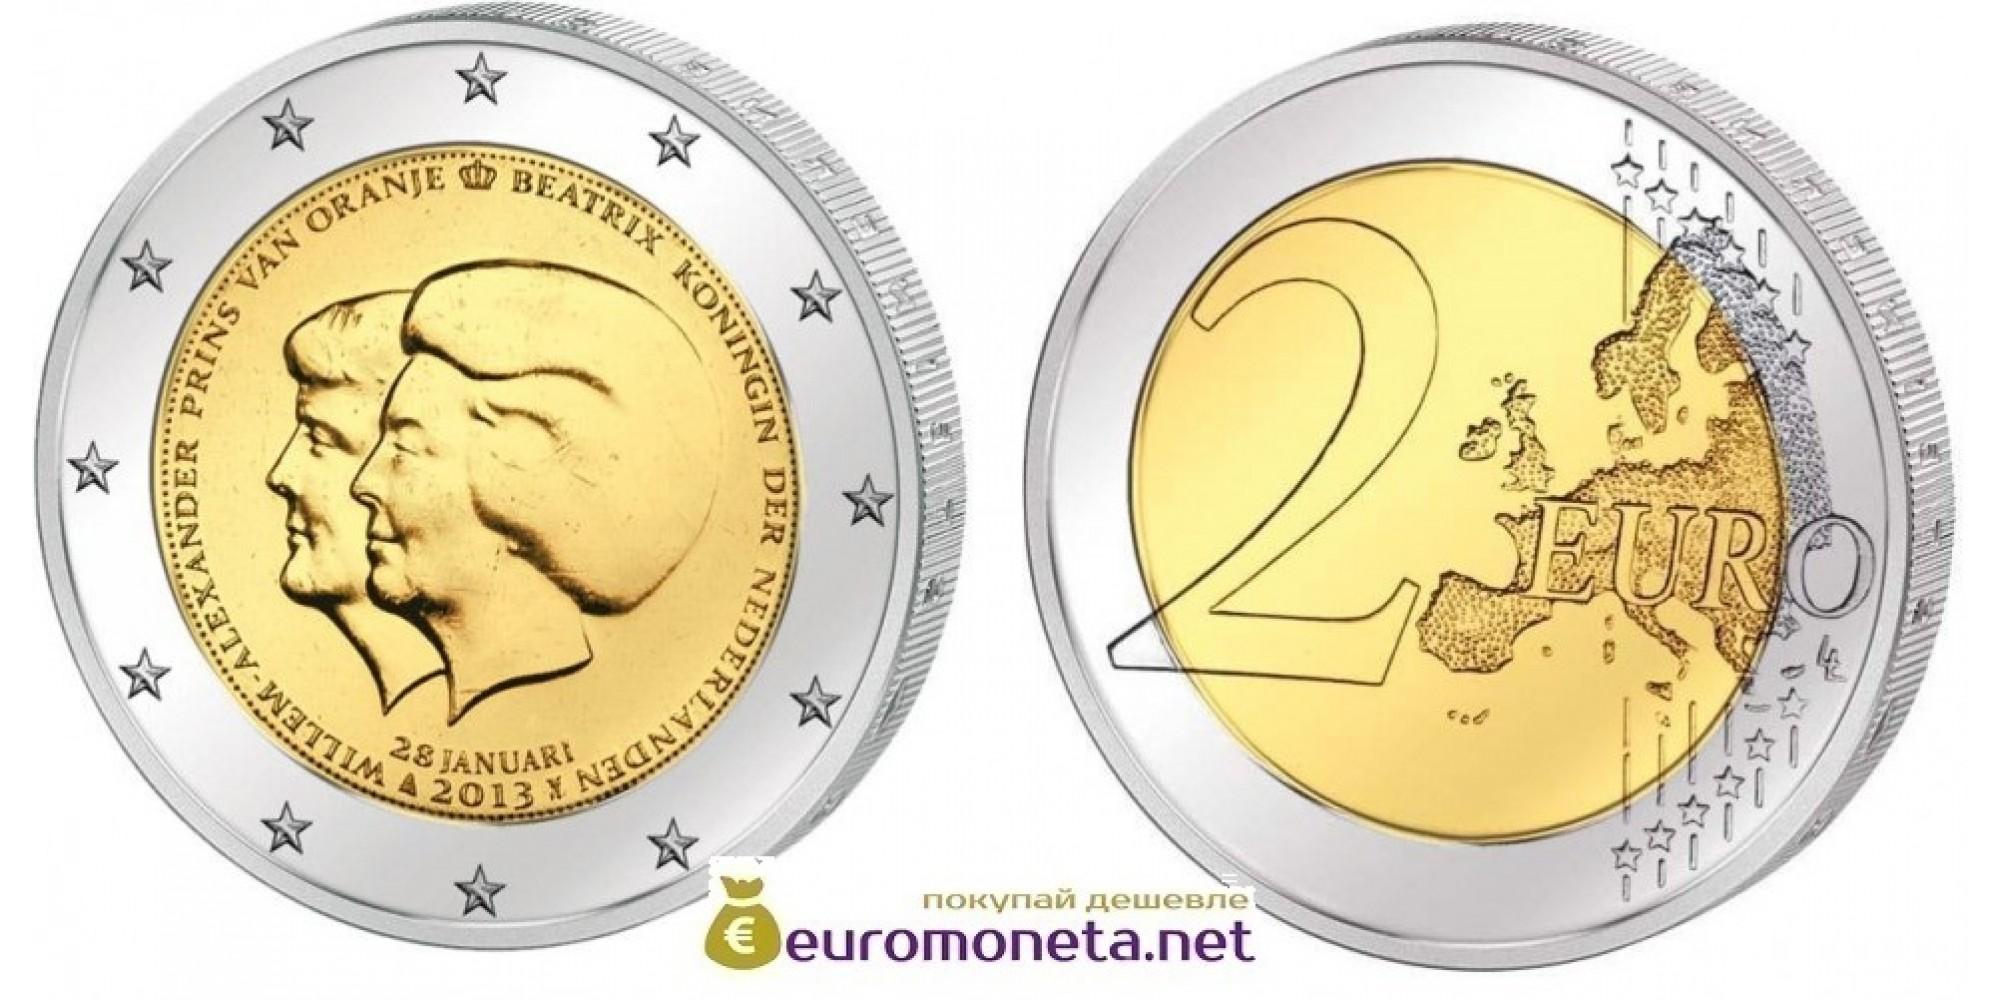 Нидерланды 2 евро 2013 год UNC Двойной портрет: королева Беатрикс и наследный принц Виллем Александр